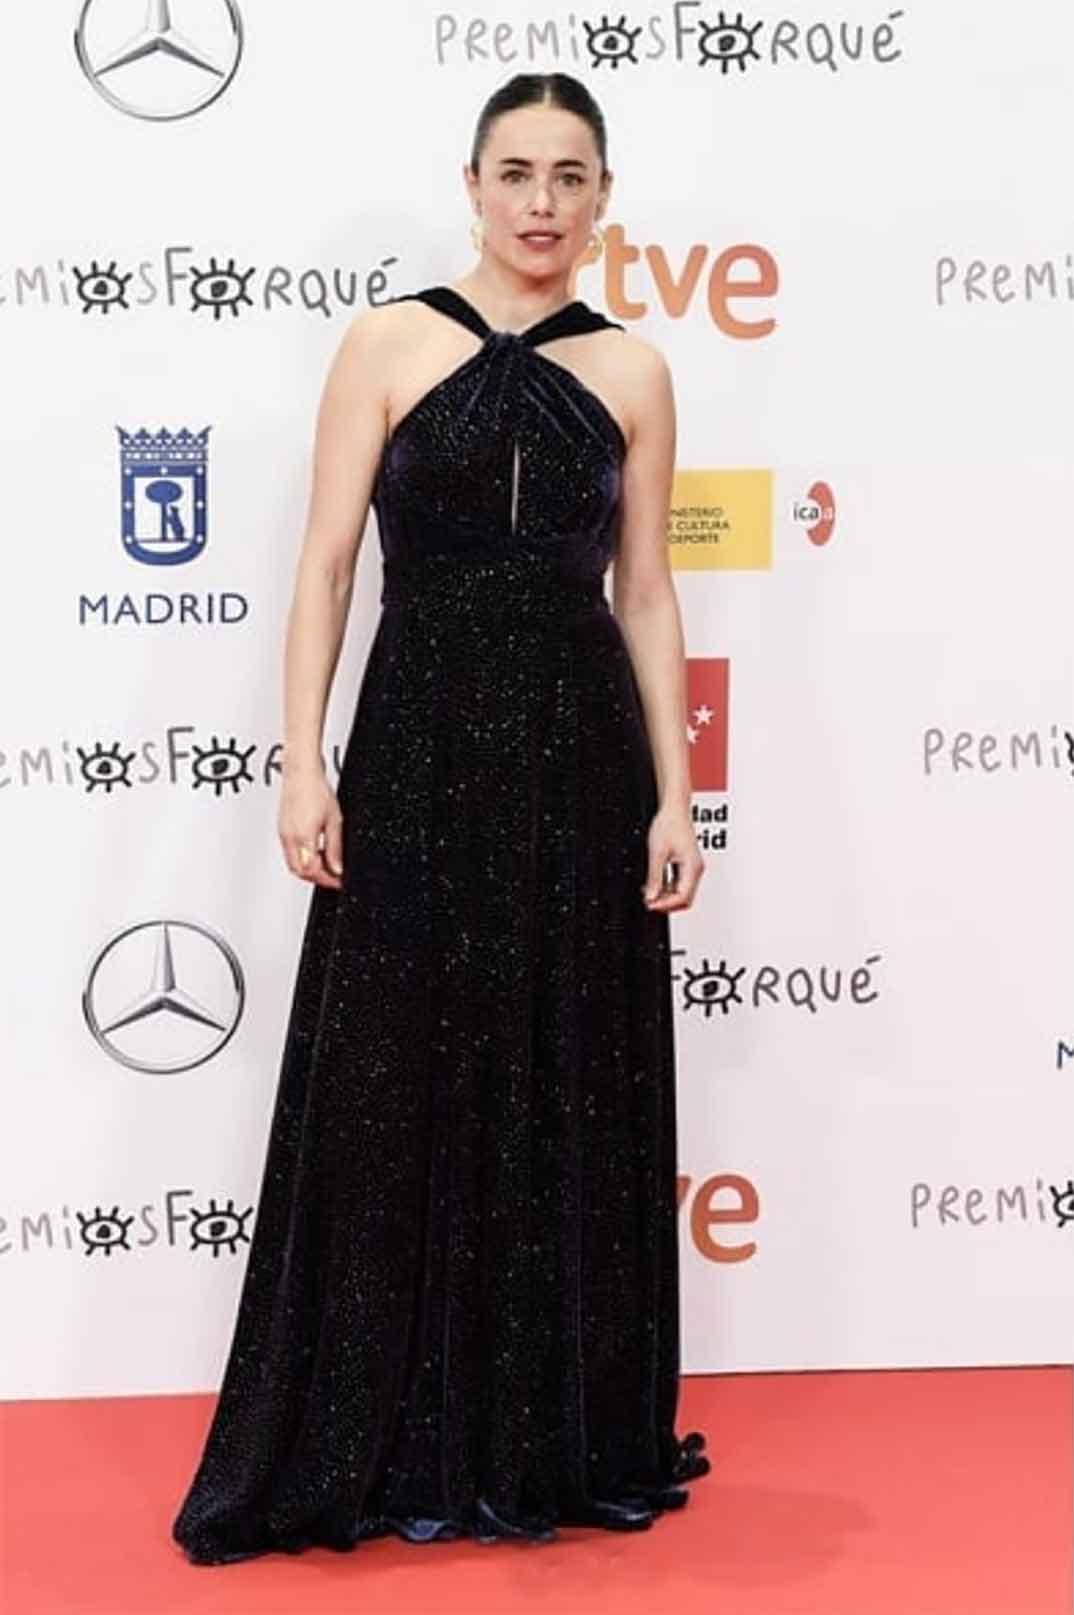 Patricia López Arnáix - Premios Forqué © Redes Sociales